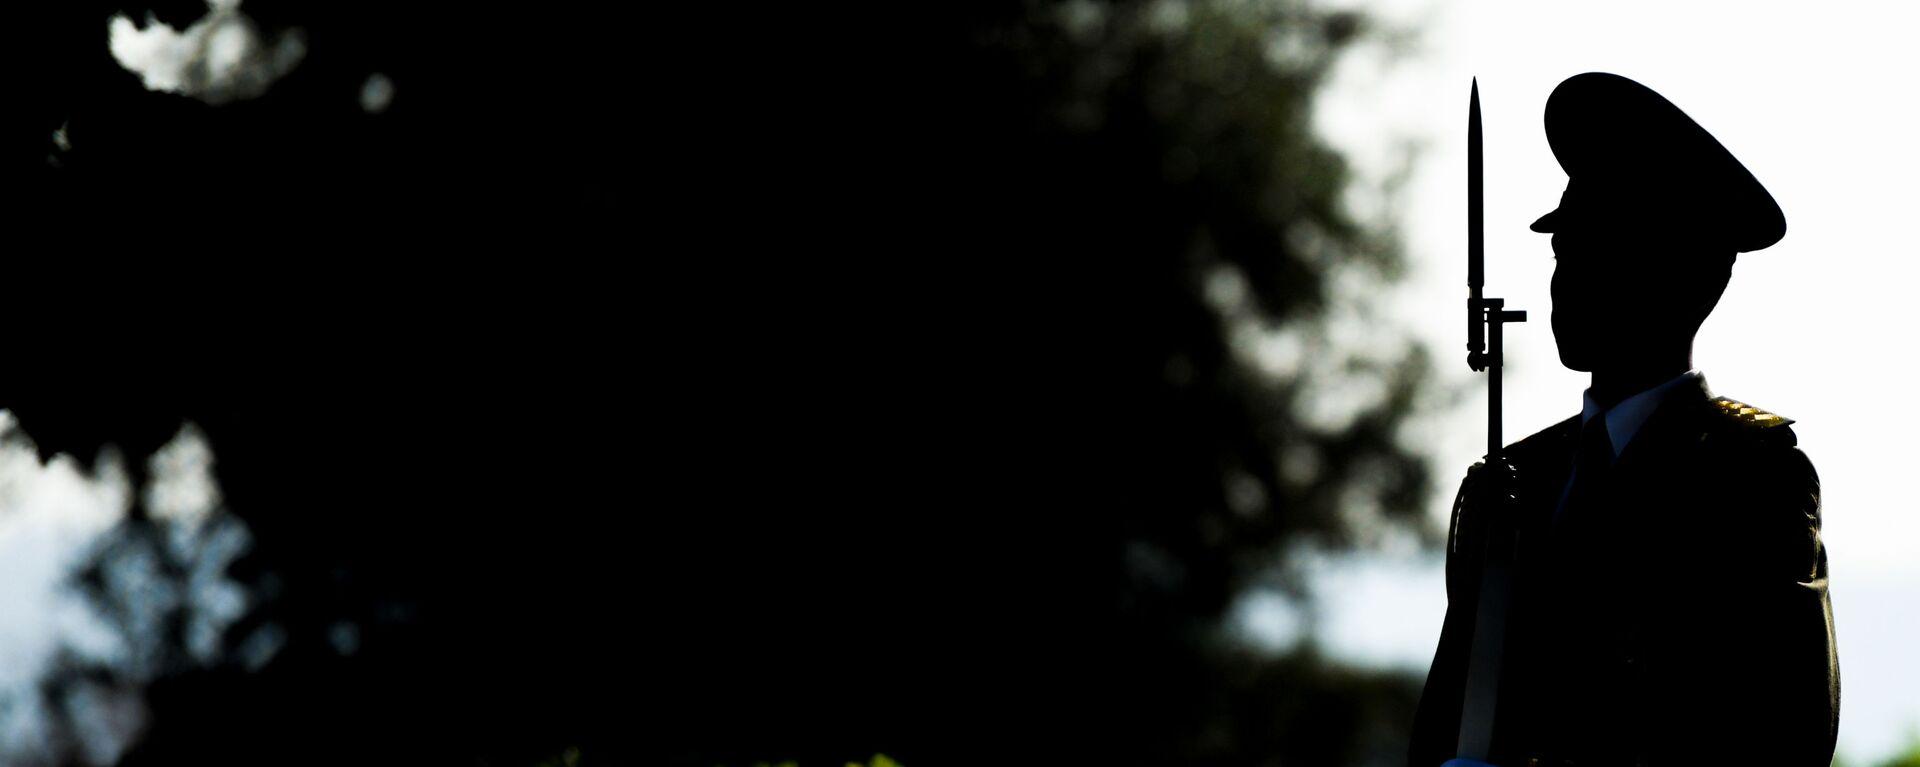 Bakının işğaldan azad olunmasının 103-cü ildönümü ilə bağlı paytaxtda yürüş, arxiv şəkli - Sputnik Azərbaycan, 1920, 09.10.2021